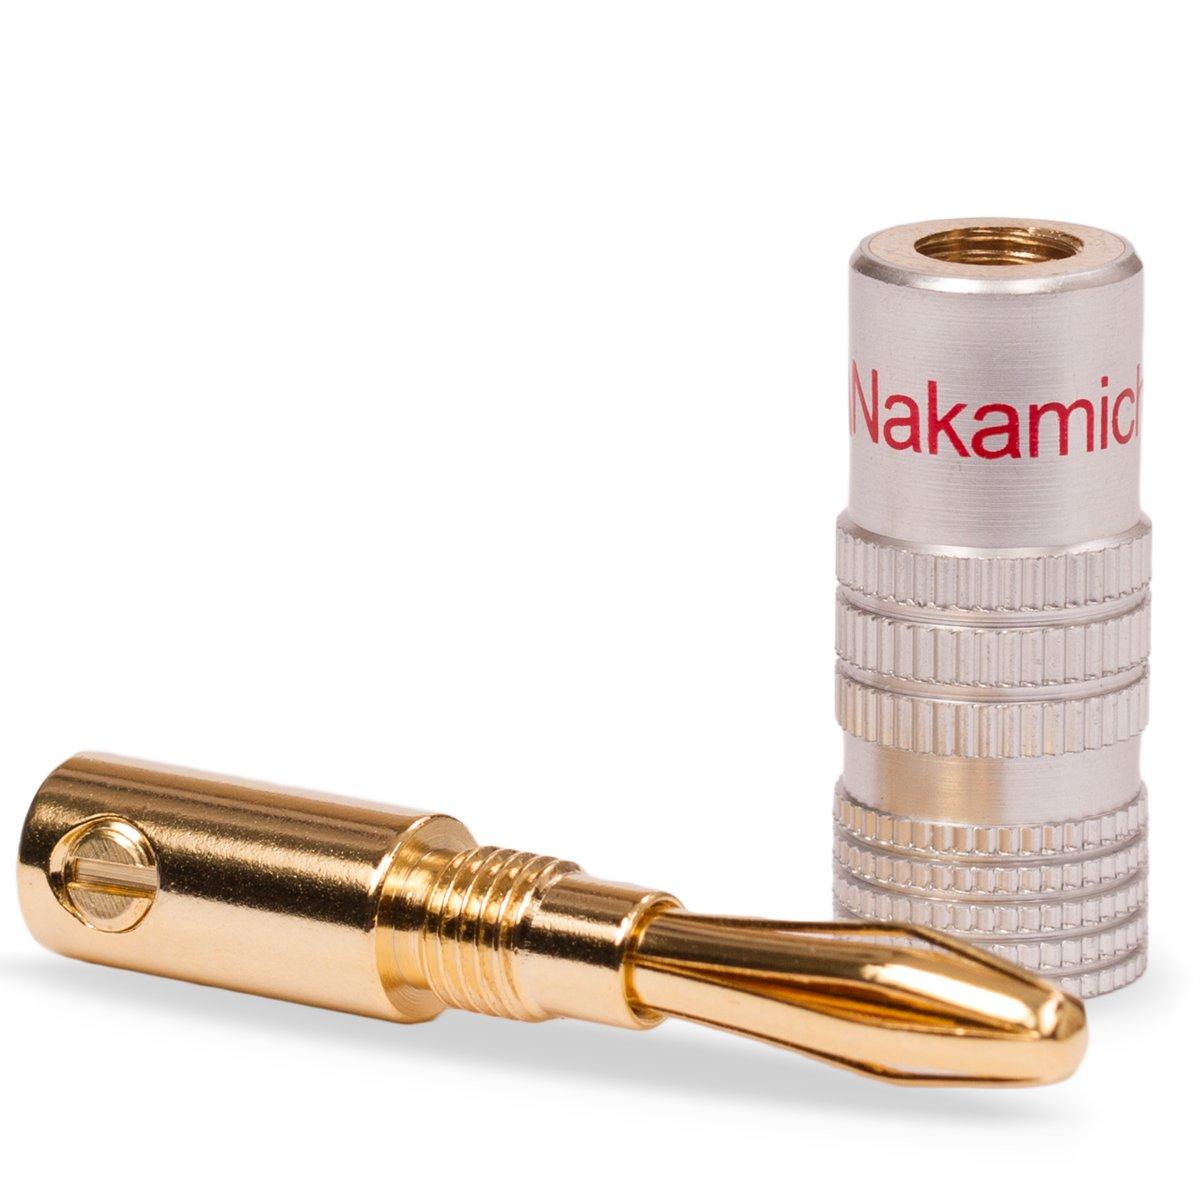 oder schraubbar vergoldet kein Plastik in schwarz und rot 14x High End Nakamichi Bananenstecker Bananas Banana f/ür Kabel bis 6mm/² 24K l/öt